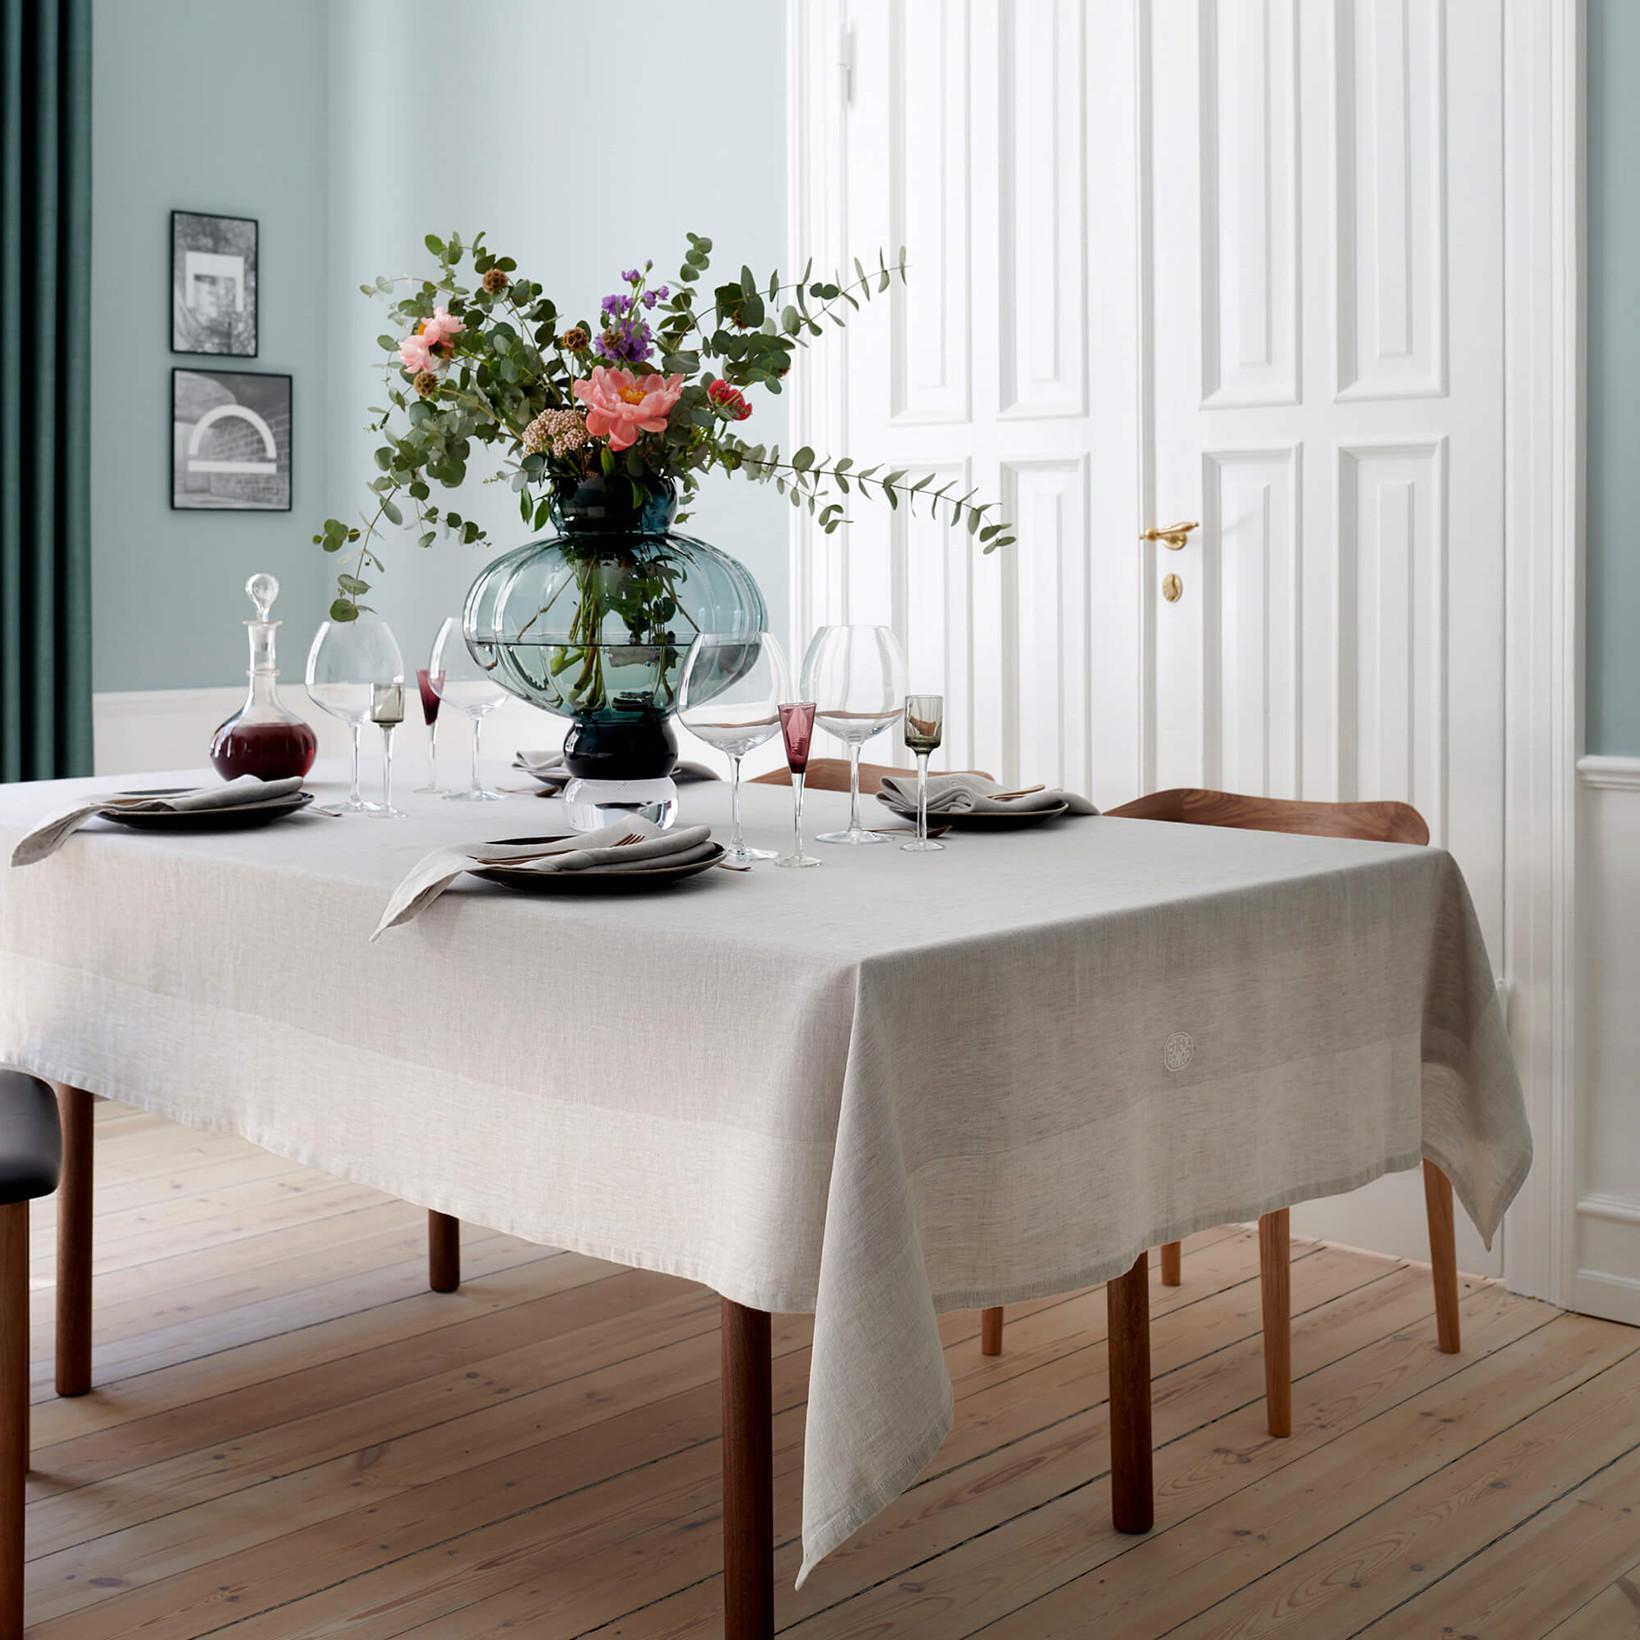 PLAIN tablecloth